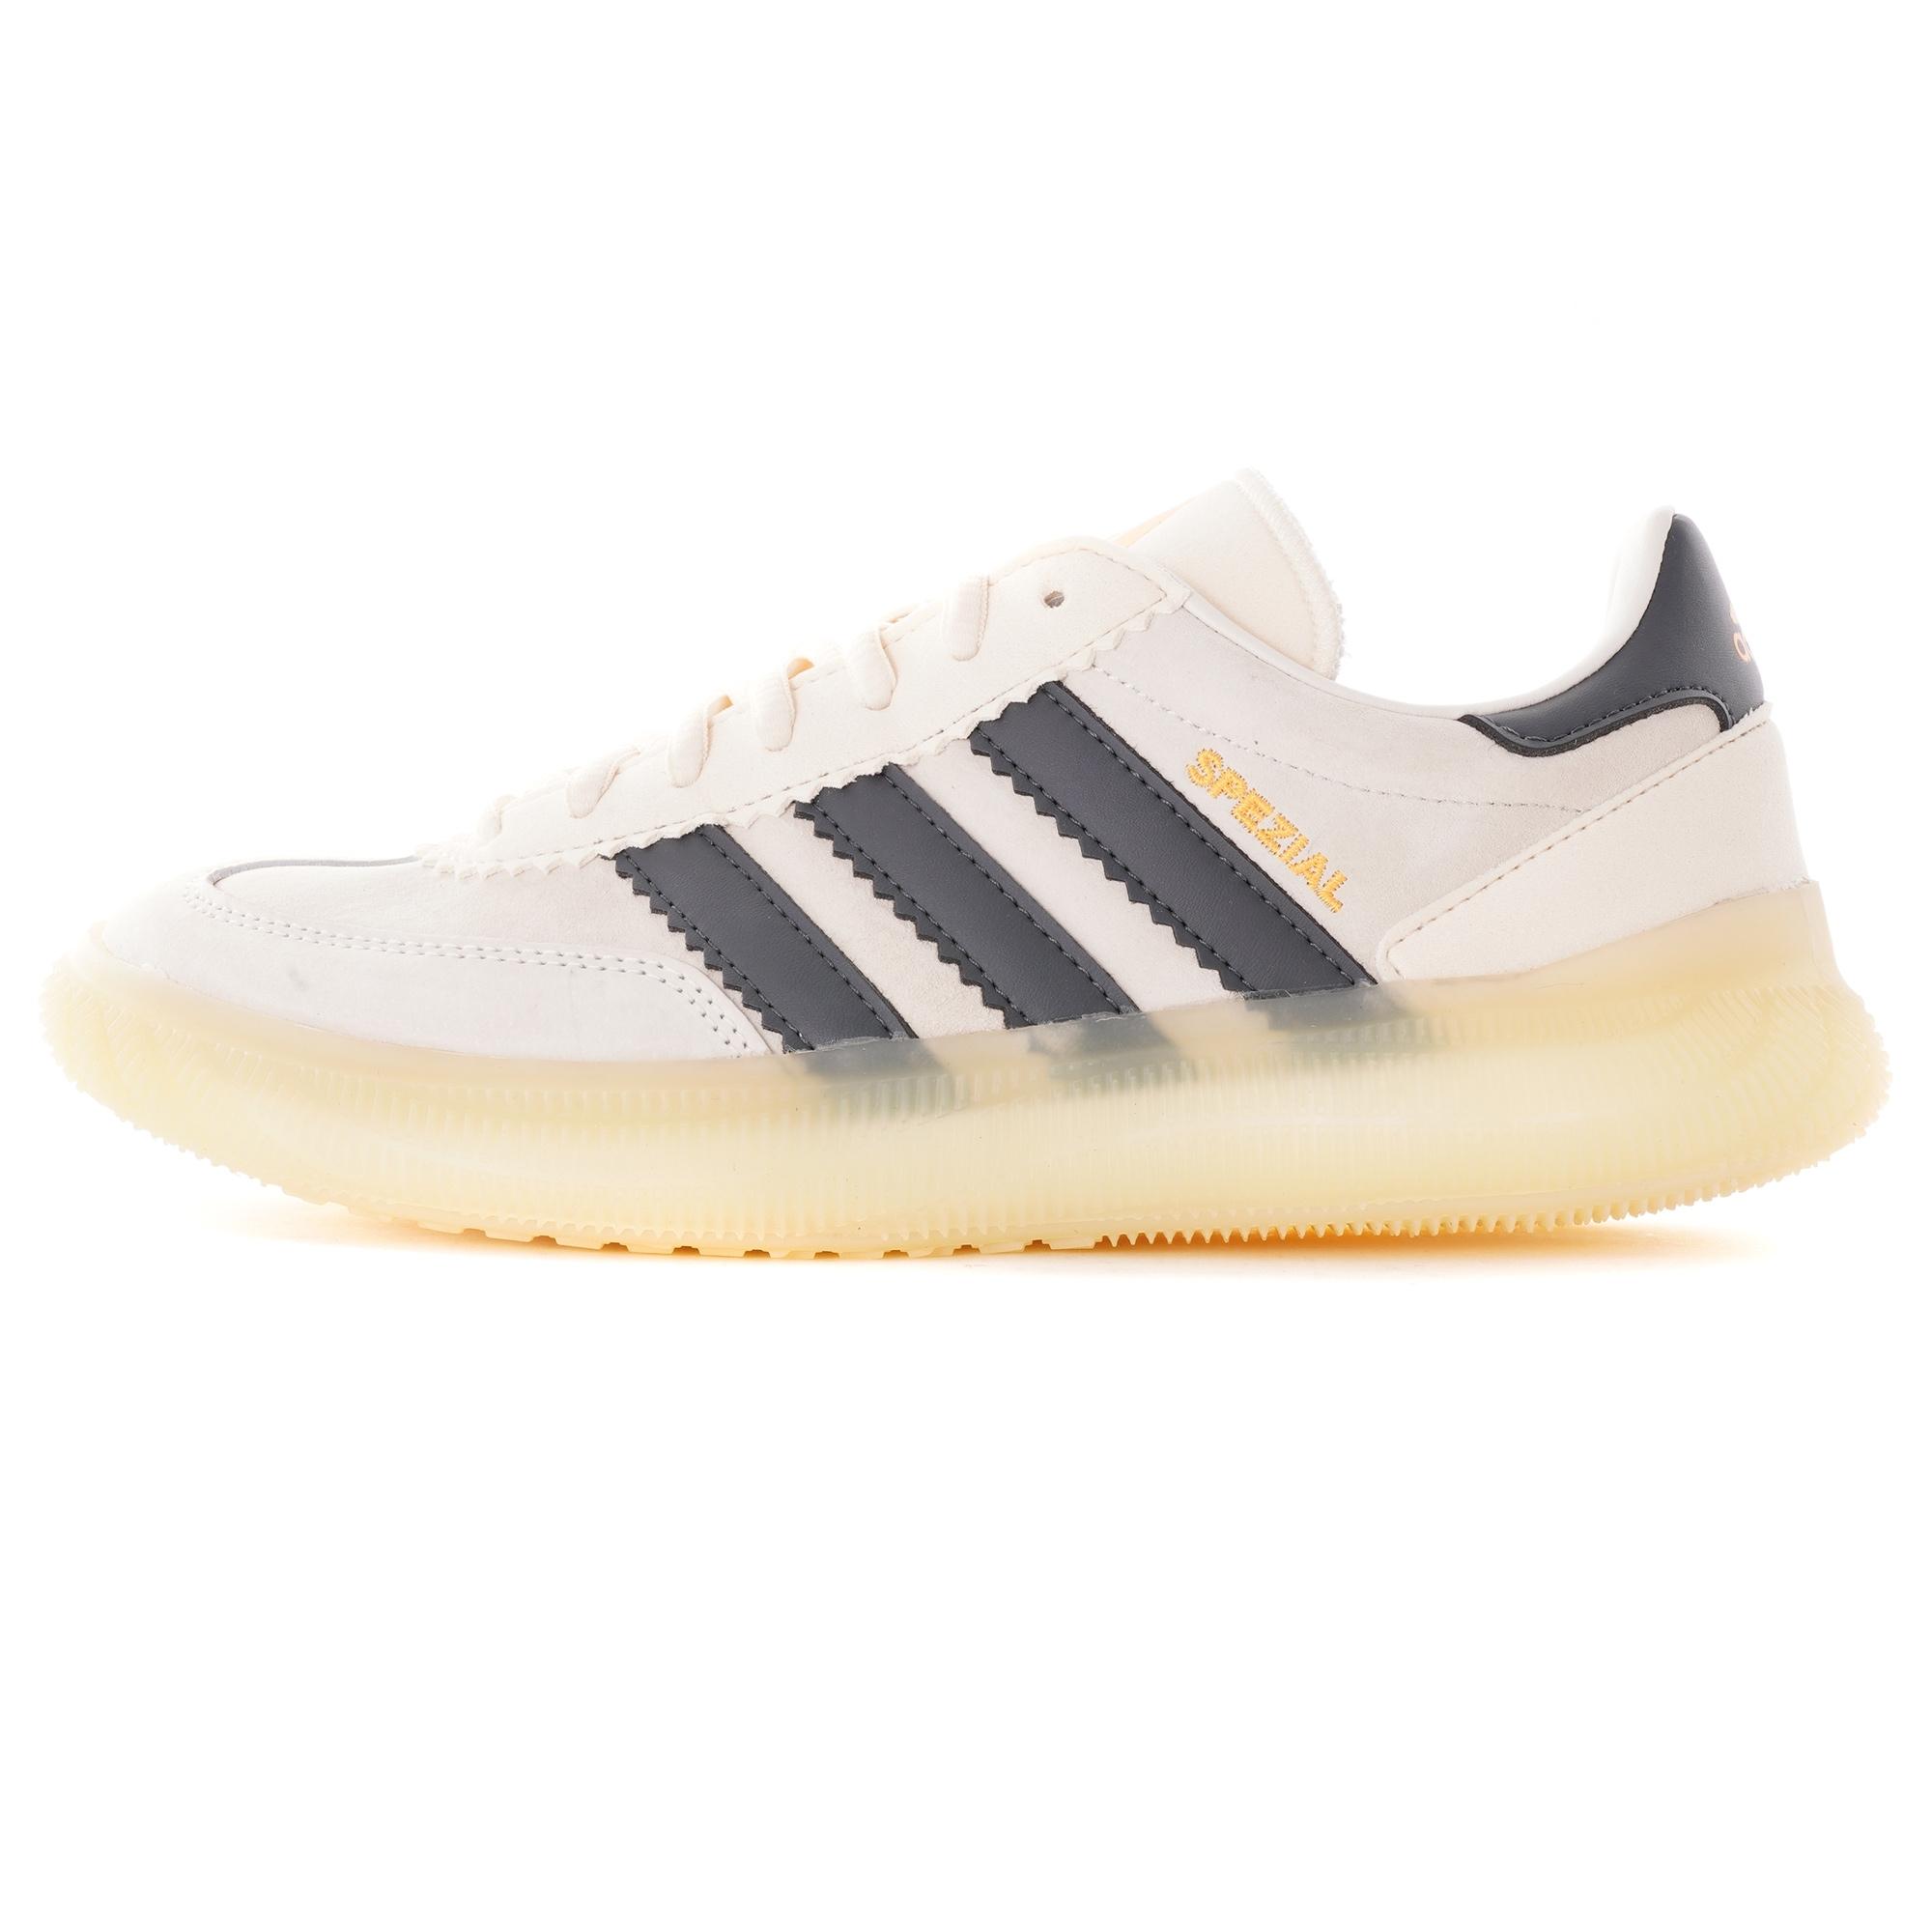 Adidas Original HB Spezial Boost | Off